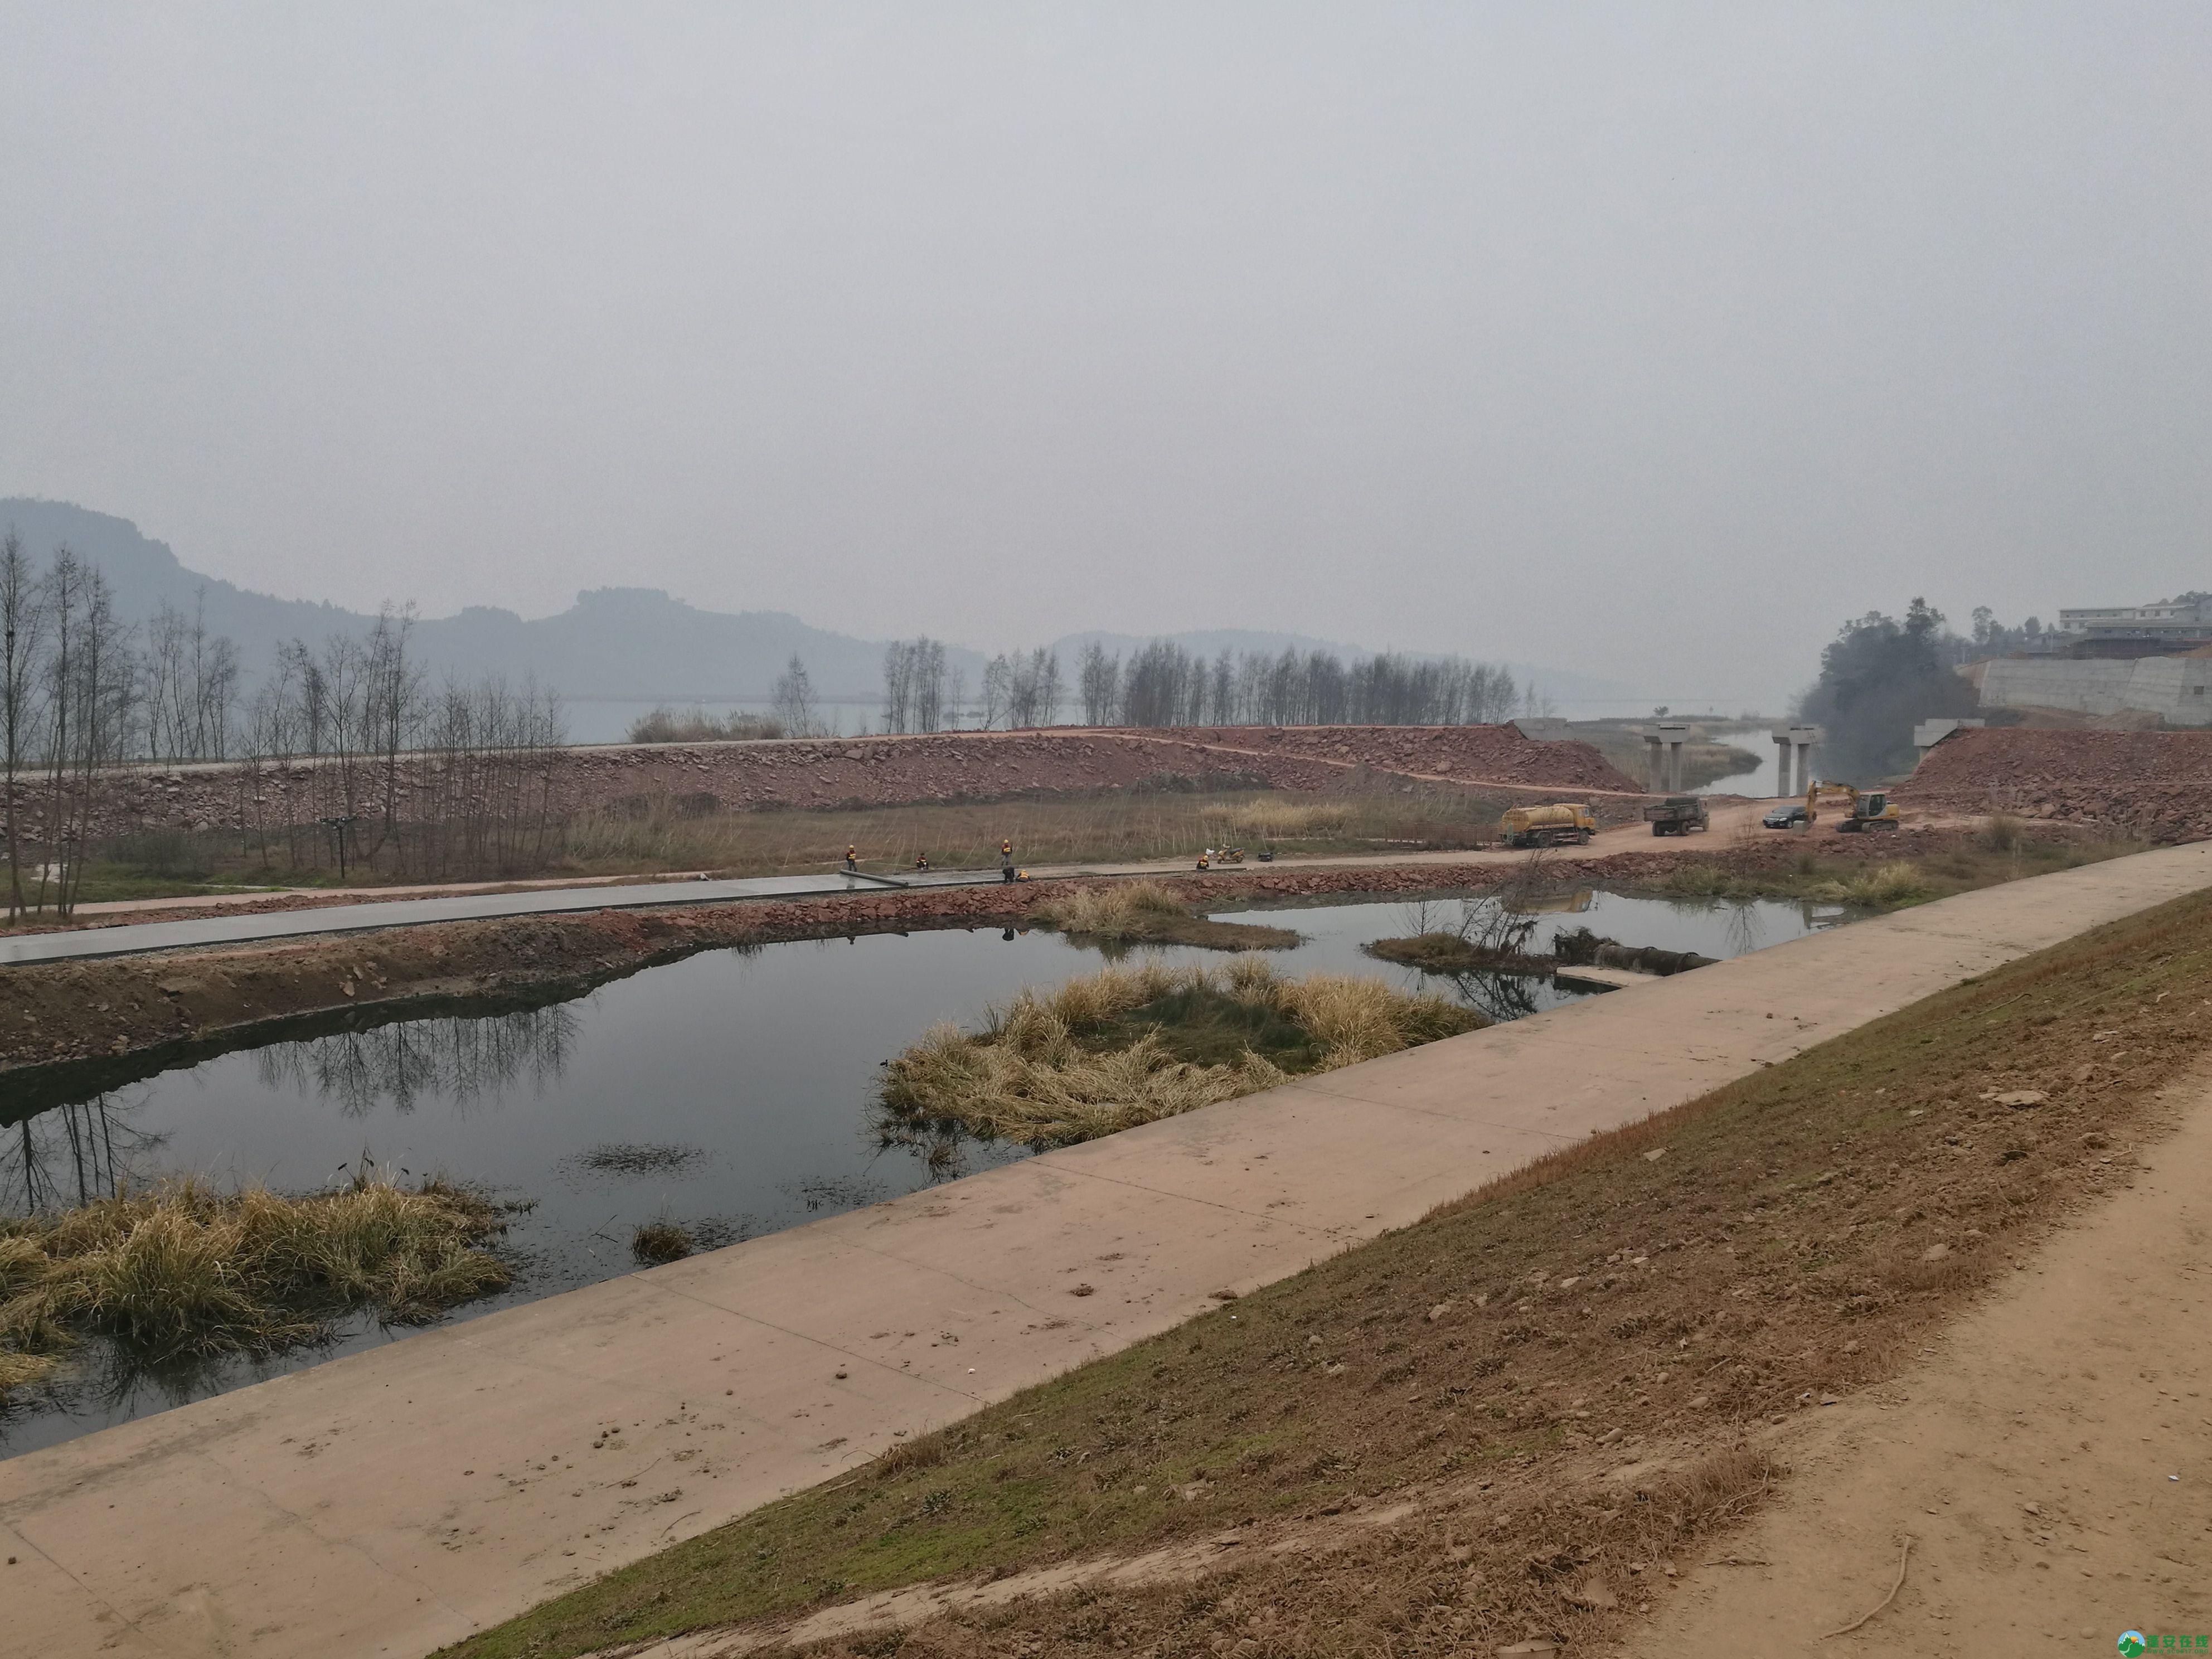 顺蓬营一级公路蓬安锦屏段正在施工嘉陵江三桥施工便道 - 第4张  | 蓬安在线